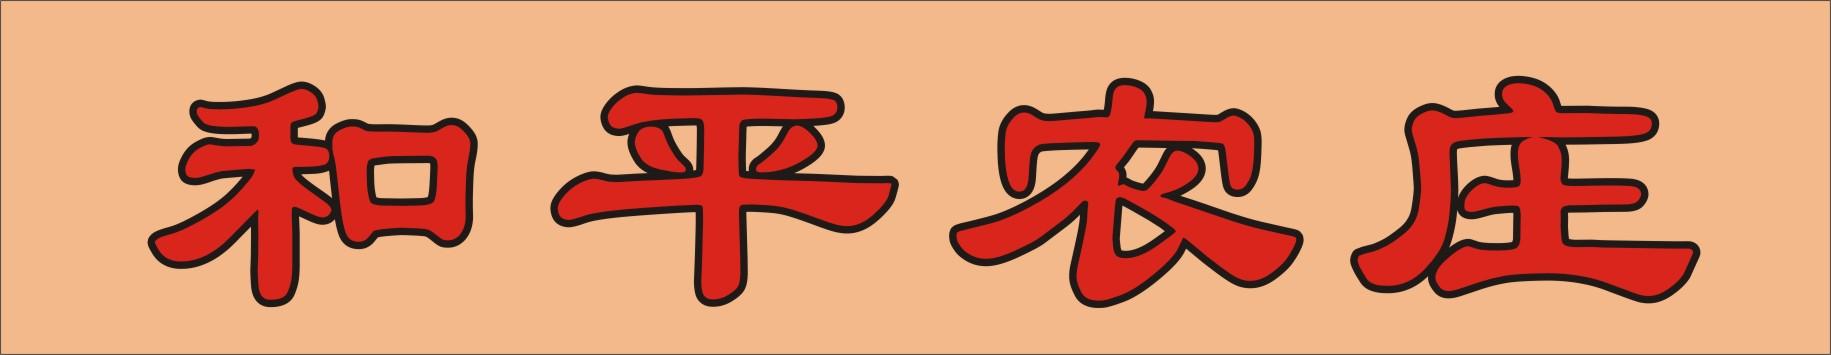 武汉和平农业公社有限公司